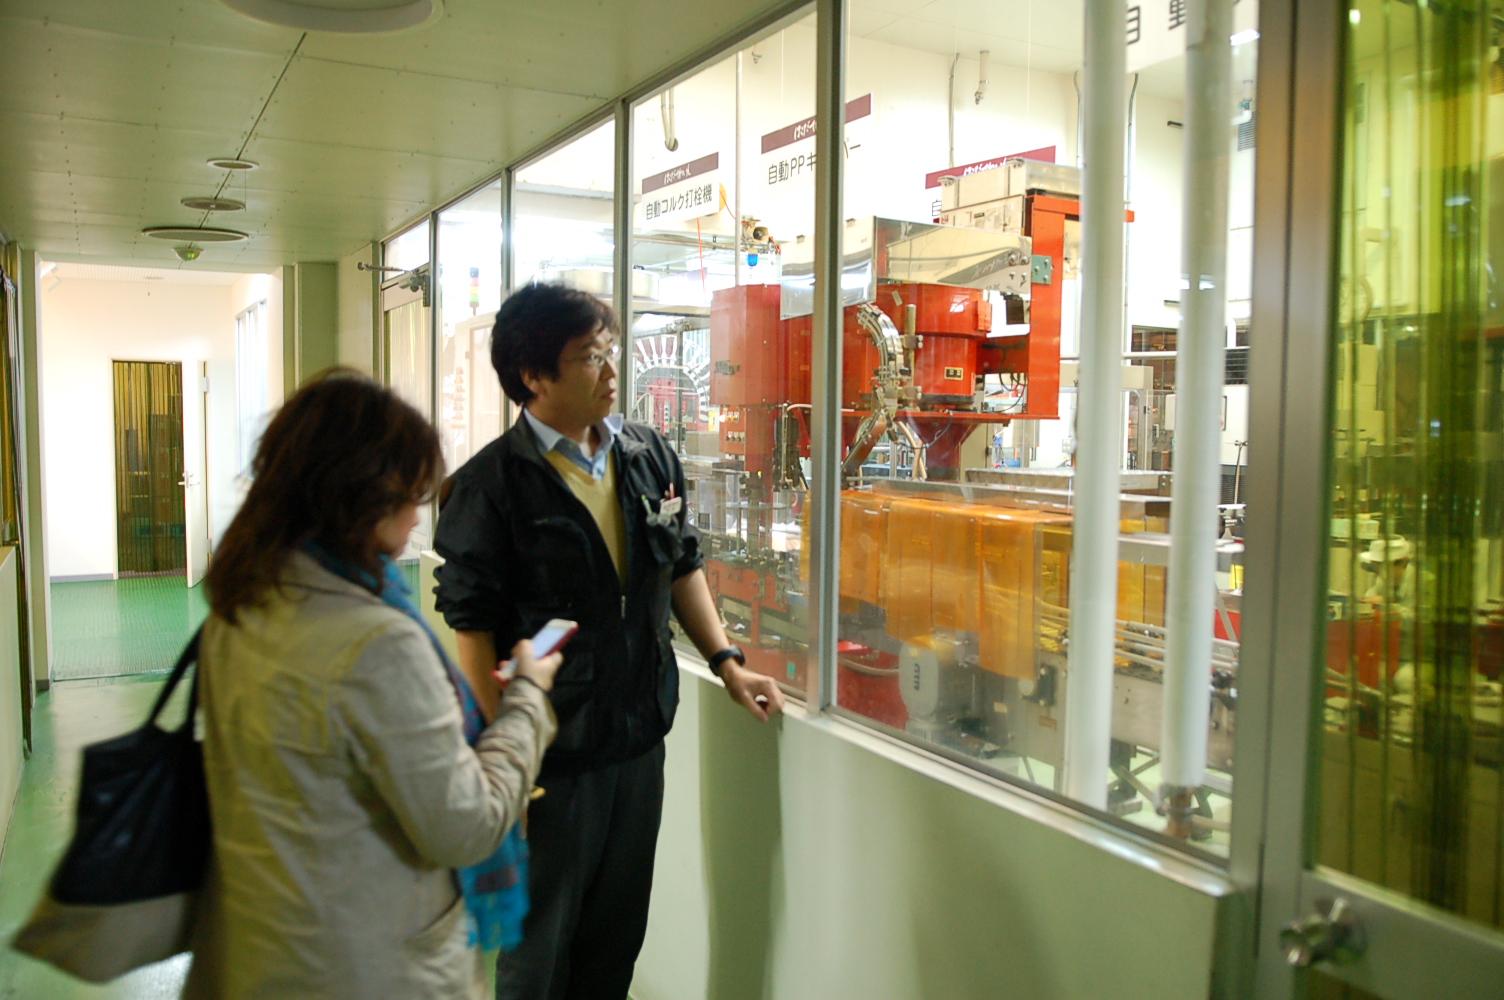 ワイナリーを訪ねるタクシープラン「函館コース」をご紹介!